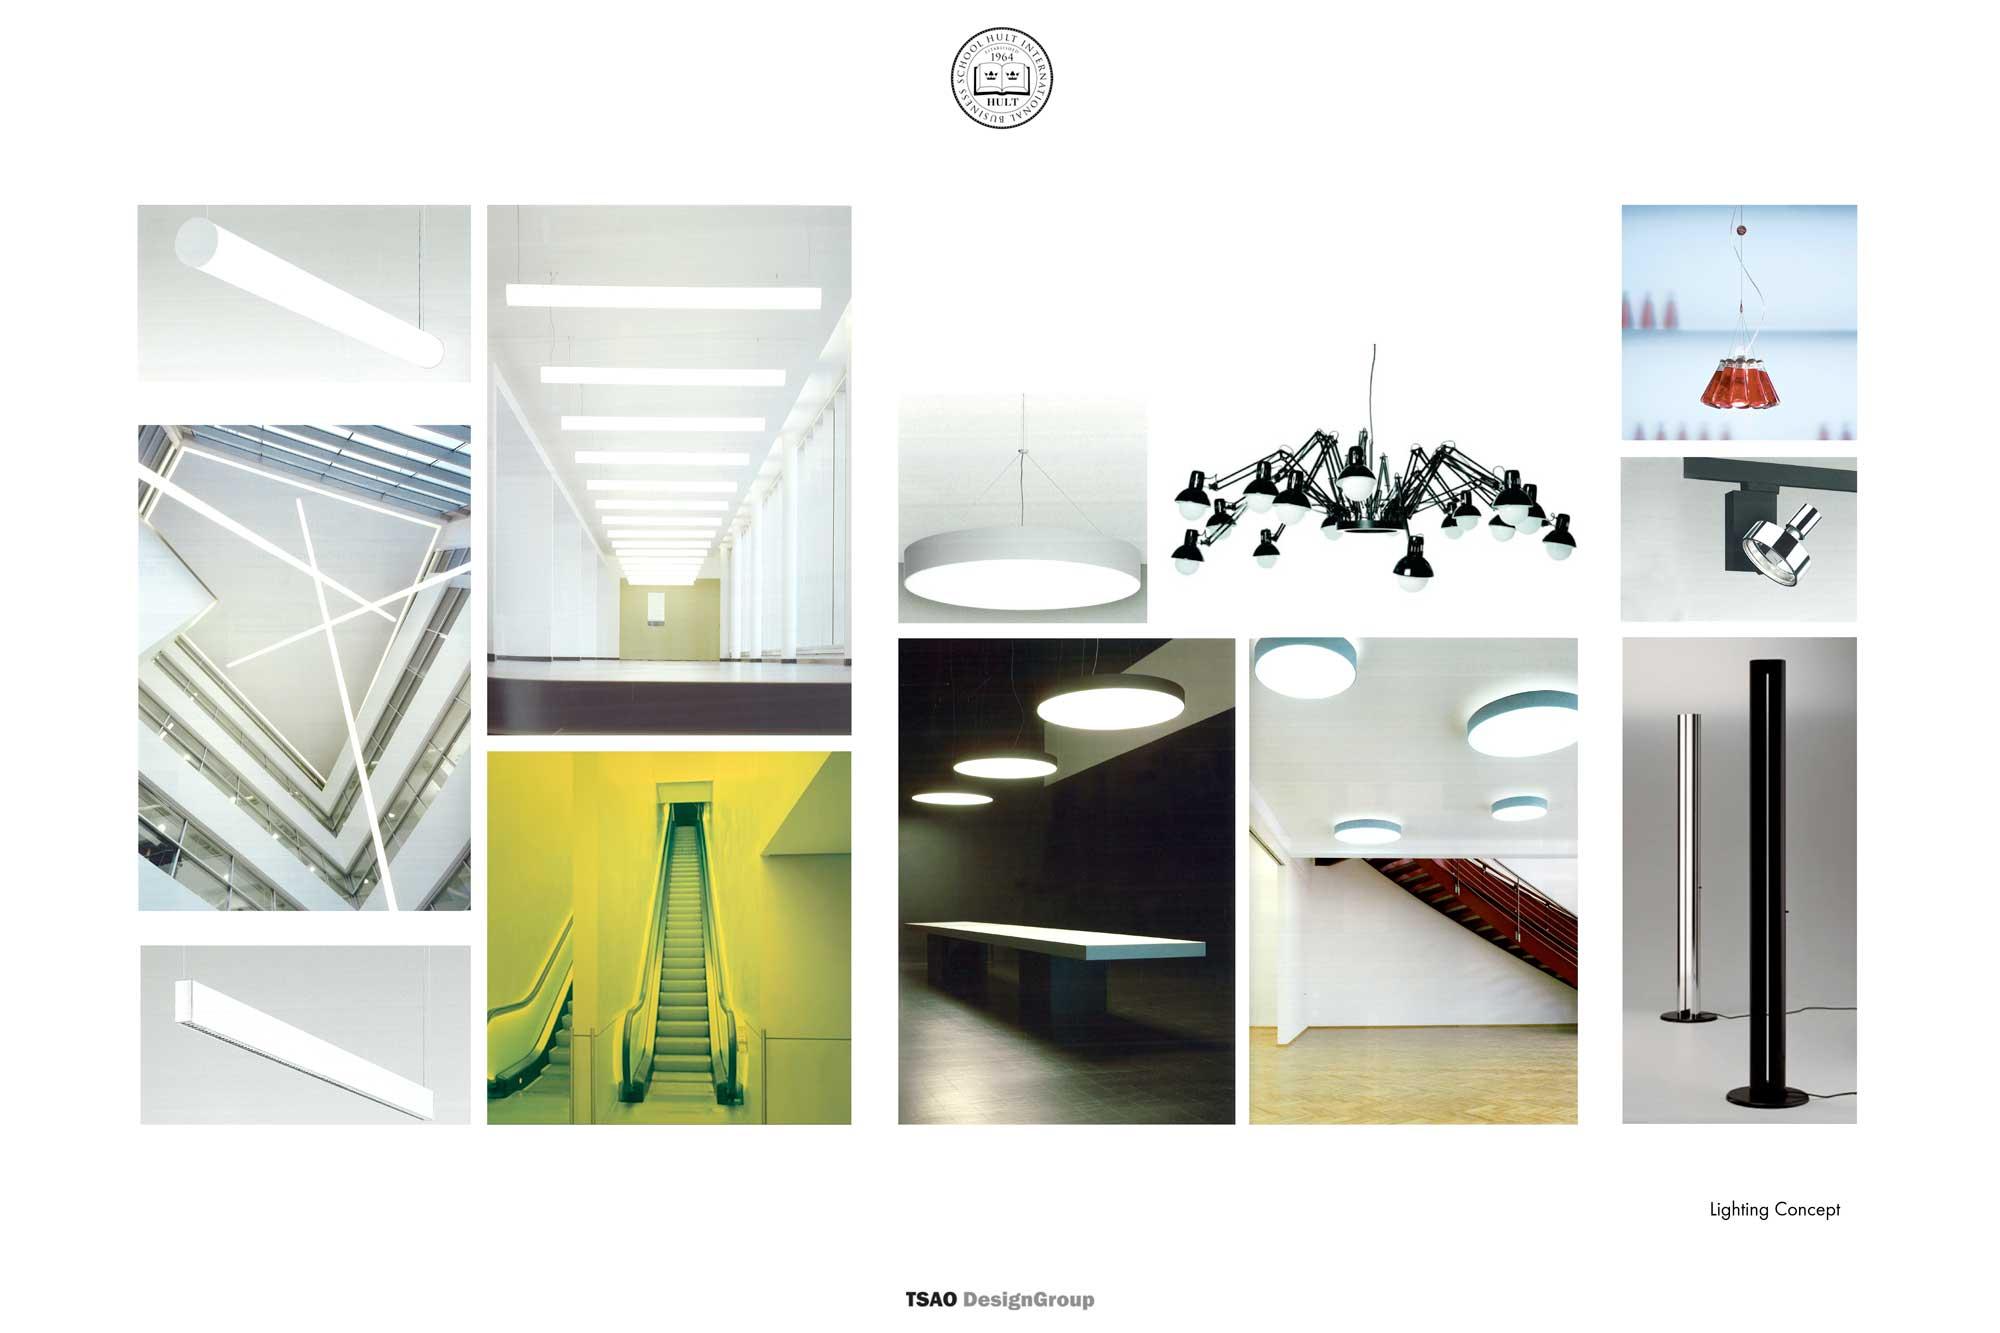 tsao-hult1355-concept-lighting-03.jpg